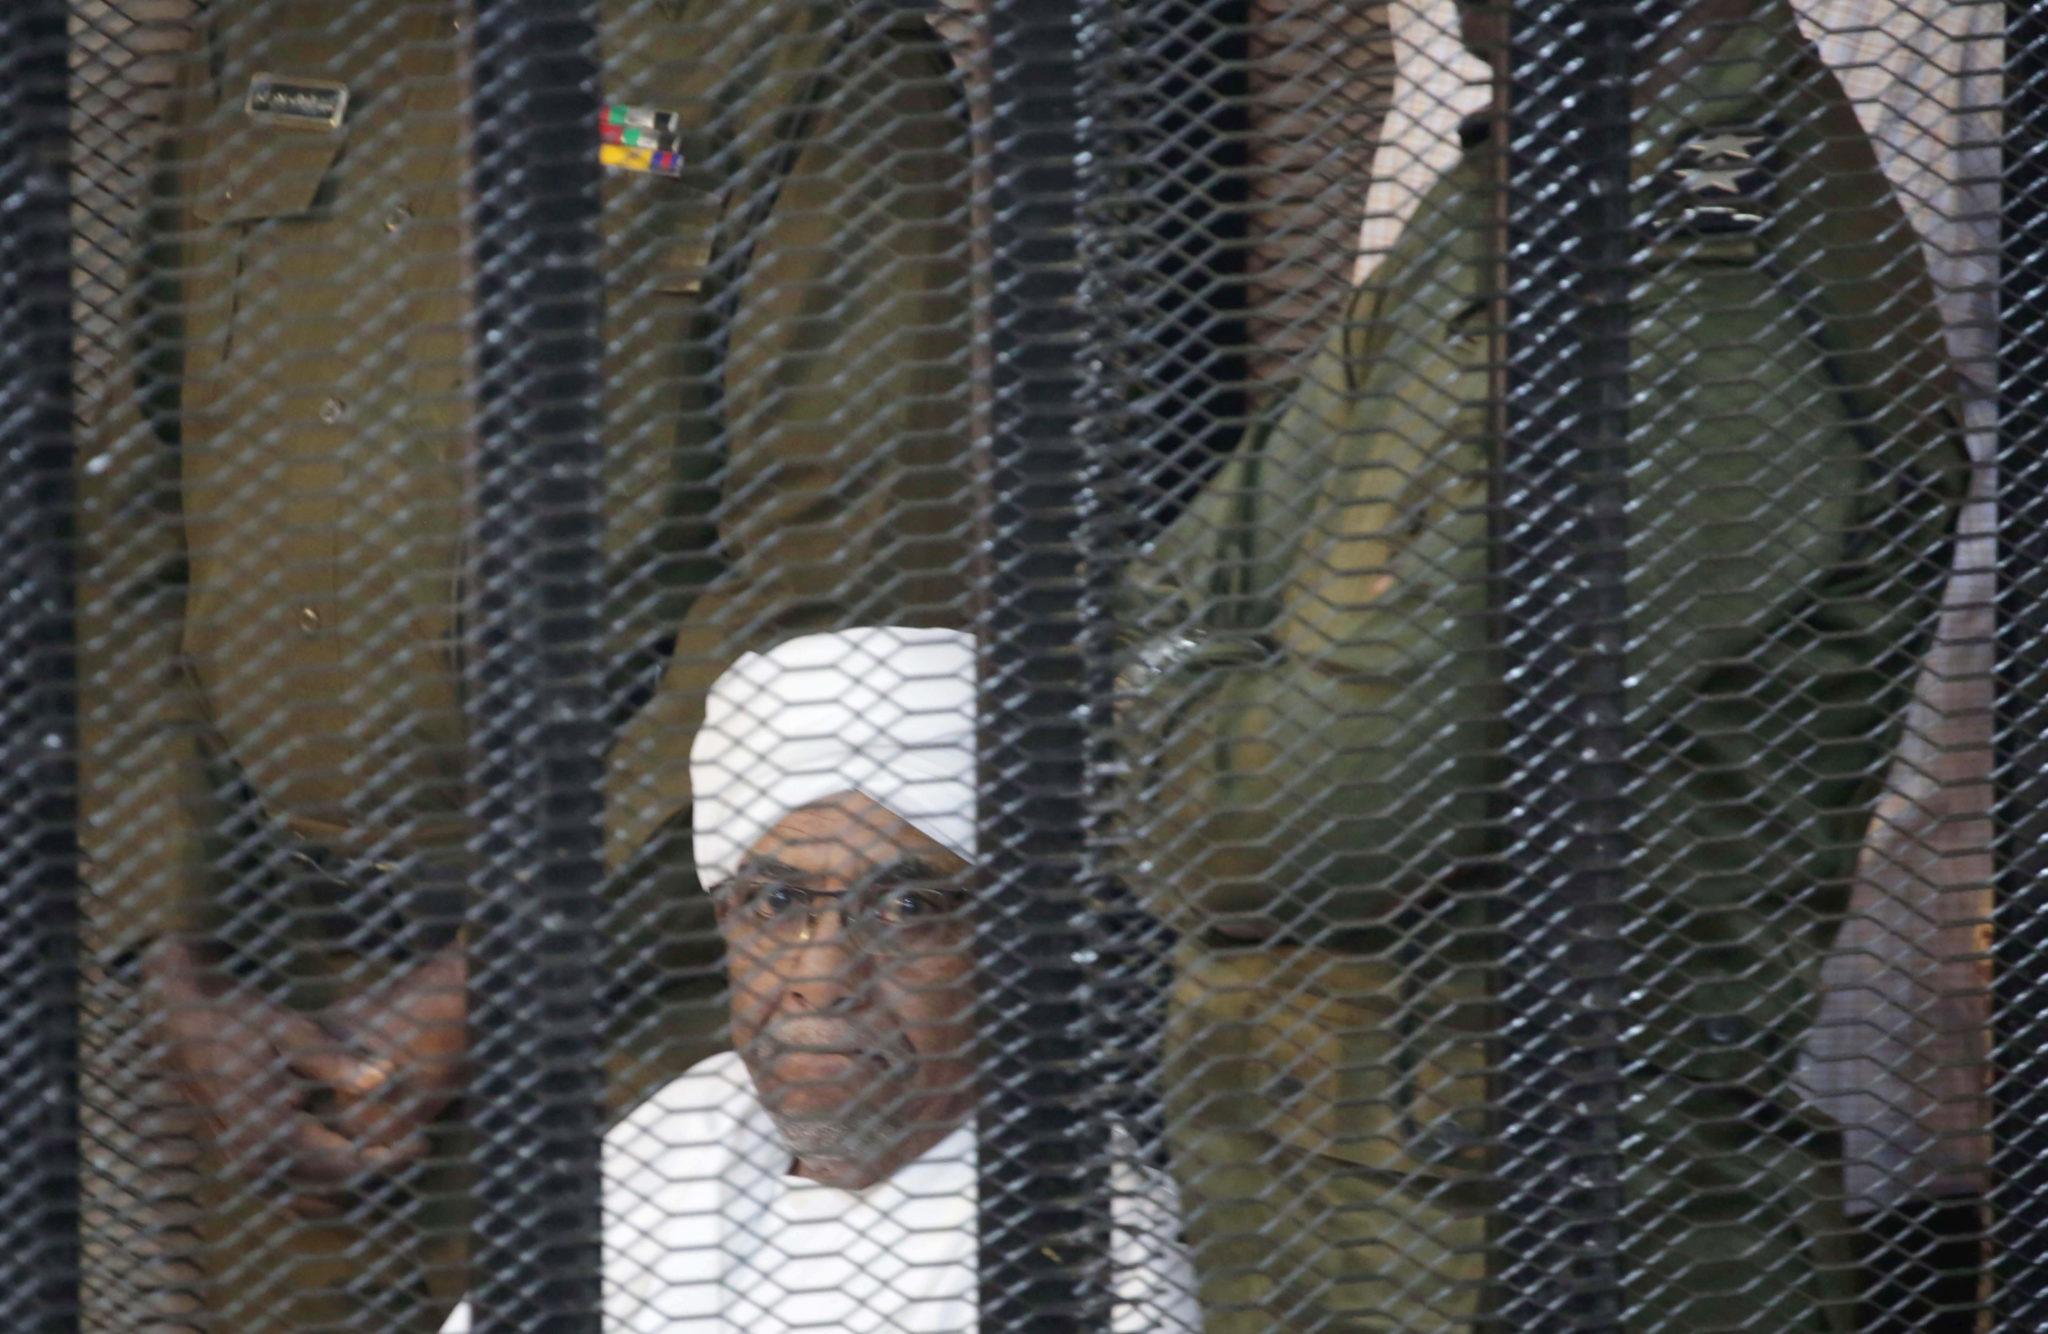 Sudan: Były prezydent Sudanu Omar Hassan al-Bashir w klatce dla oskarżonych podczas procesu w Chartumie.  Al-Bashir ustąpił w kwietniu 2019 r. po wielomiesięcznym powstaniu, w wyniku którego zginęły setki osób. Fot. AMEL PAIN/epa